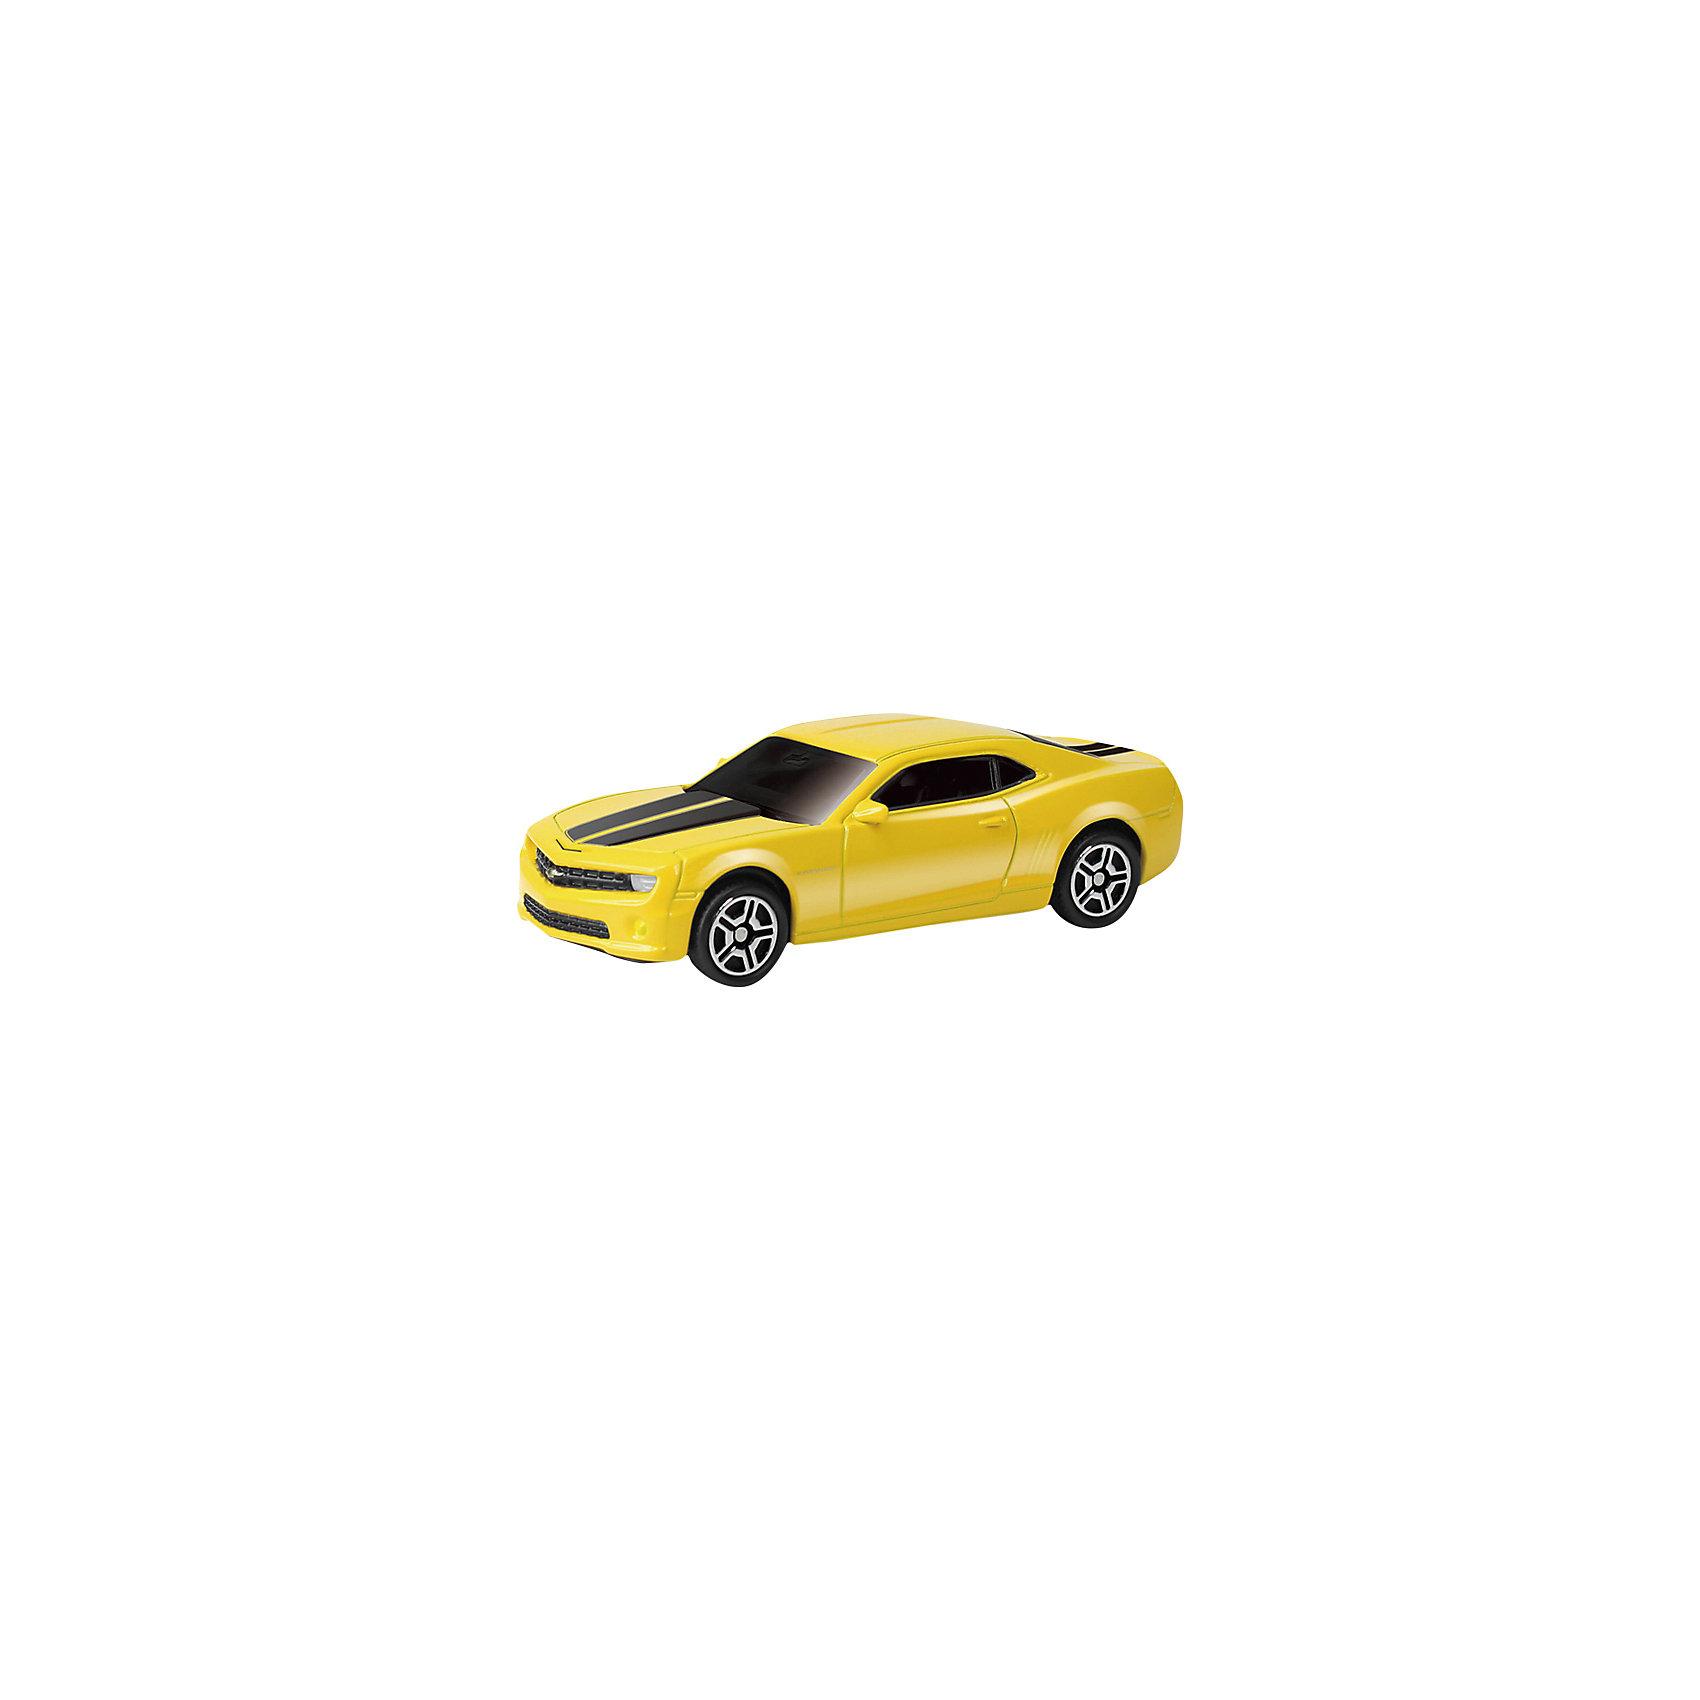 Машинка Audi R8 V10 Jeans 3, AutotimeМашинки<br>Характеристики товара:<br><br>• цвет: в ассортименте<br>• возраст: от 3 лет<br>• материал: металл, пластик<br>• масштаб: 1:64<br>• колеса вращаются<br>• размер упаковки: 9х4х4 см<br>• вес с упаковкой: 100 г<br>• страна бренда: Россия, Китай<br>• страна изготовитель: Китай<br><br>Такая коллекционная машинка отличается высокой детализацией. Это - миниатюрная копия реально существующей модели.<br><br>Сделана машинка из прочного и безопасного материала. Модель с вращающимися колесами.<br><br>Машинку «Audi R8 V10» Jeans 3, Autotime (Автотайм) можно купить в нашем интернет-магазине.<br><br>Ширина мм: 90<br>Глубина мм: 42<br>Высота мм: 40<br>Вес г: 14<br>Возраст от месяцев: 36<br>Возраст до месяцев: 2147483647<br>Пол: Мужской<br>Возраст: Детский<br>SKU: 5584061